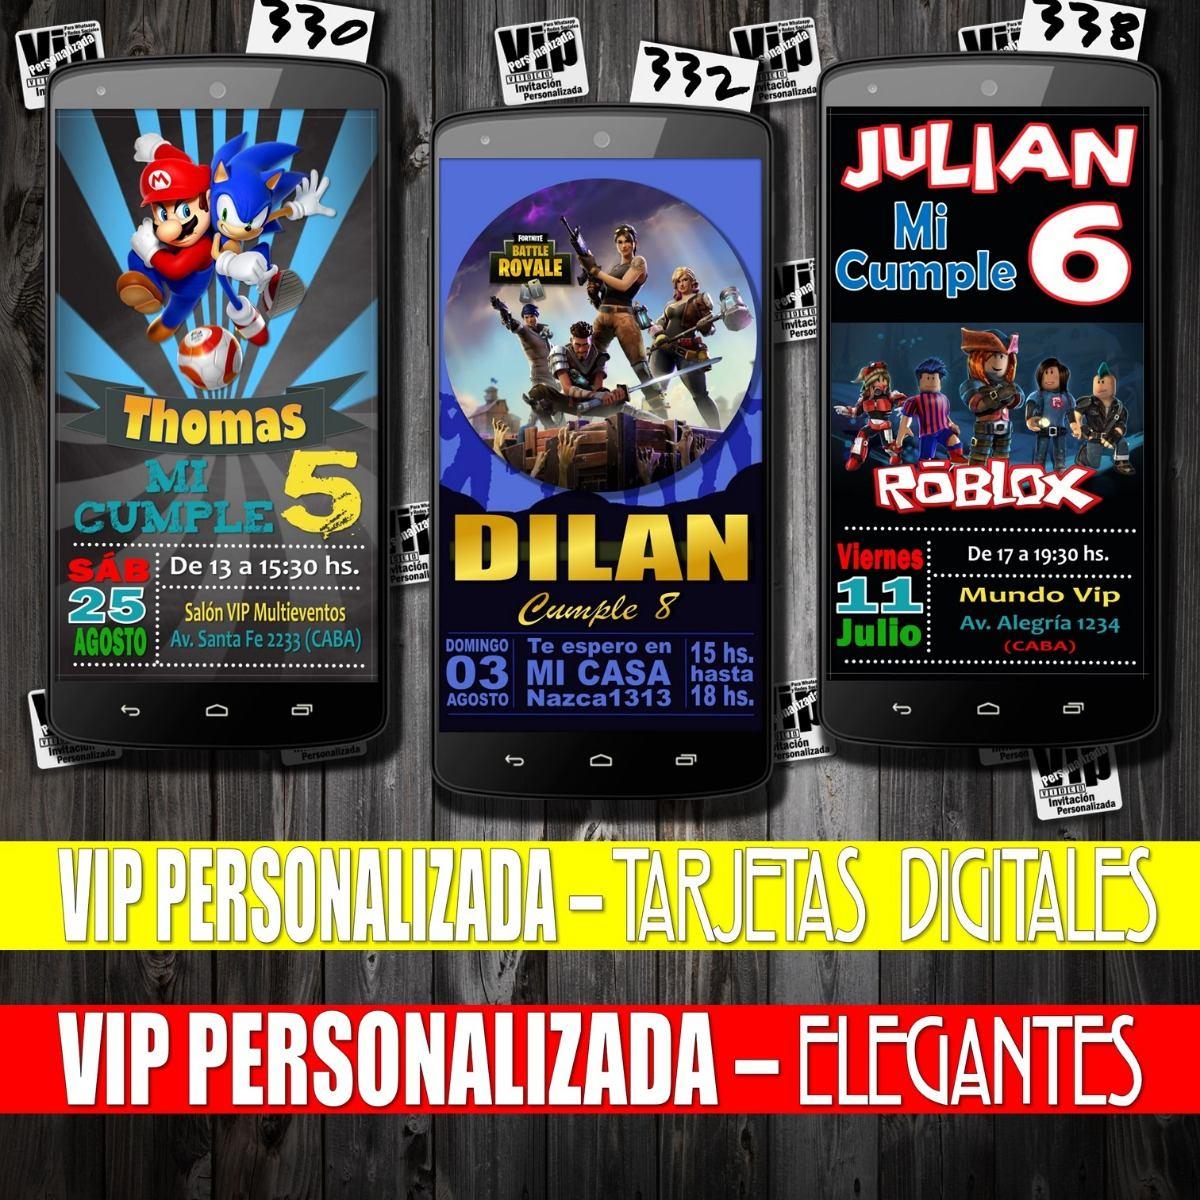 Invitacion Digital Videos Juegos Famosos Cumpleanos 99 99 En